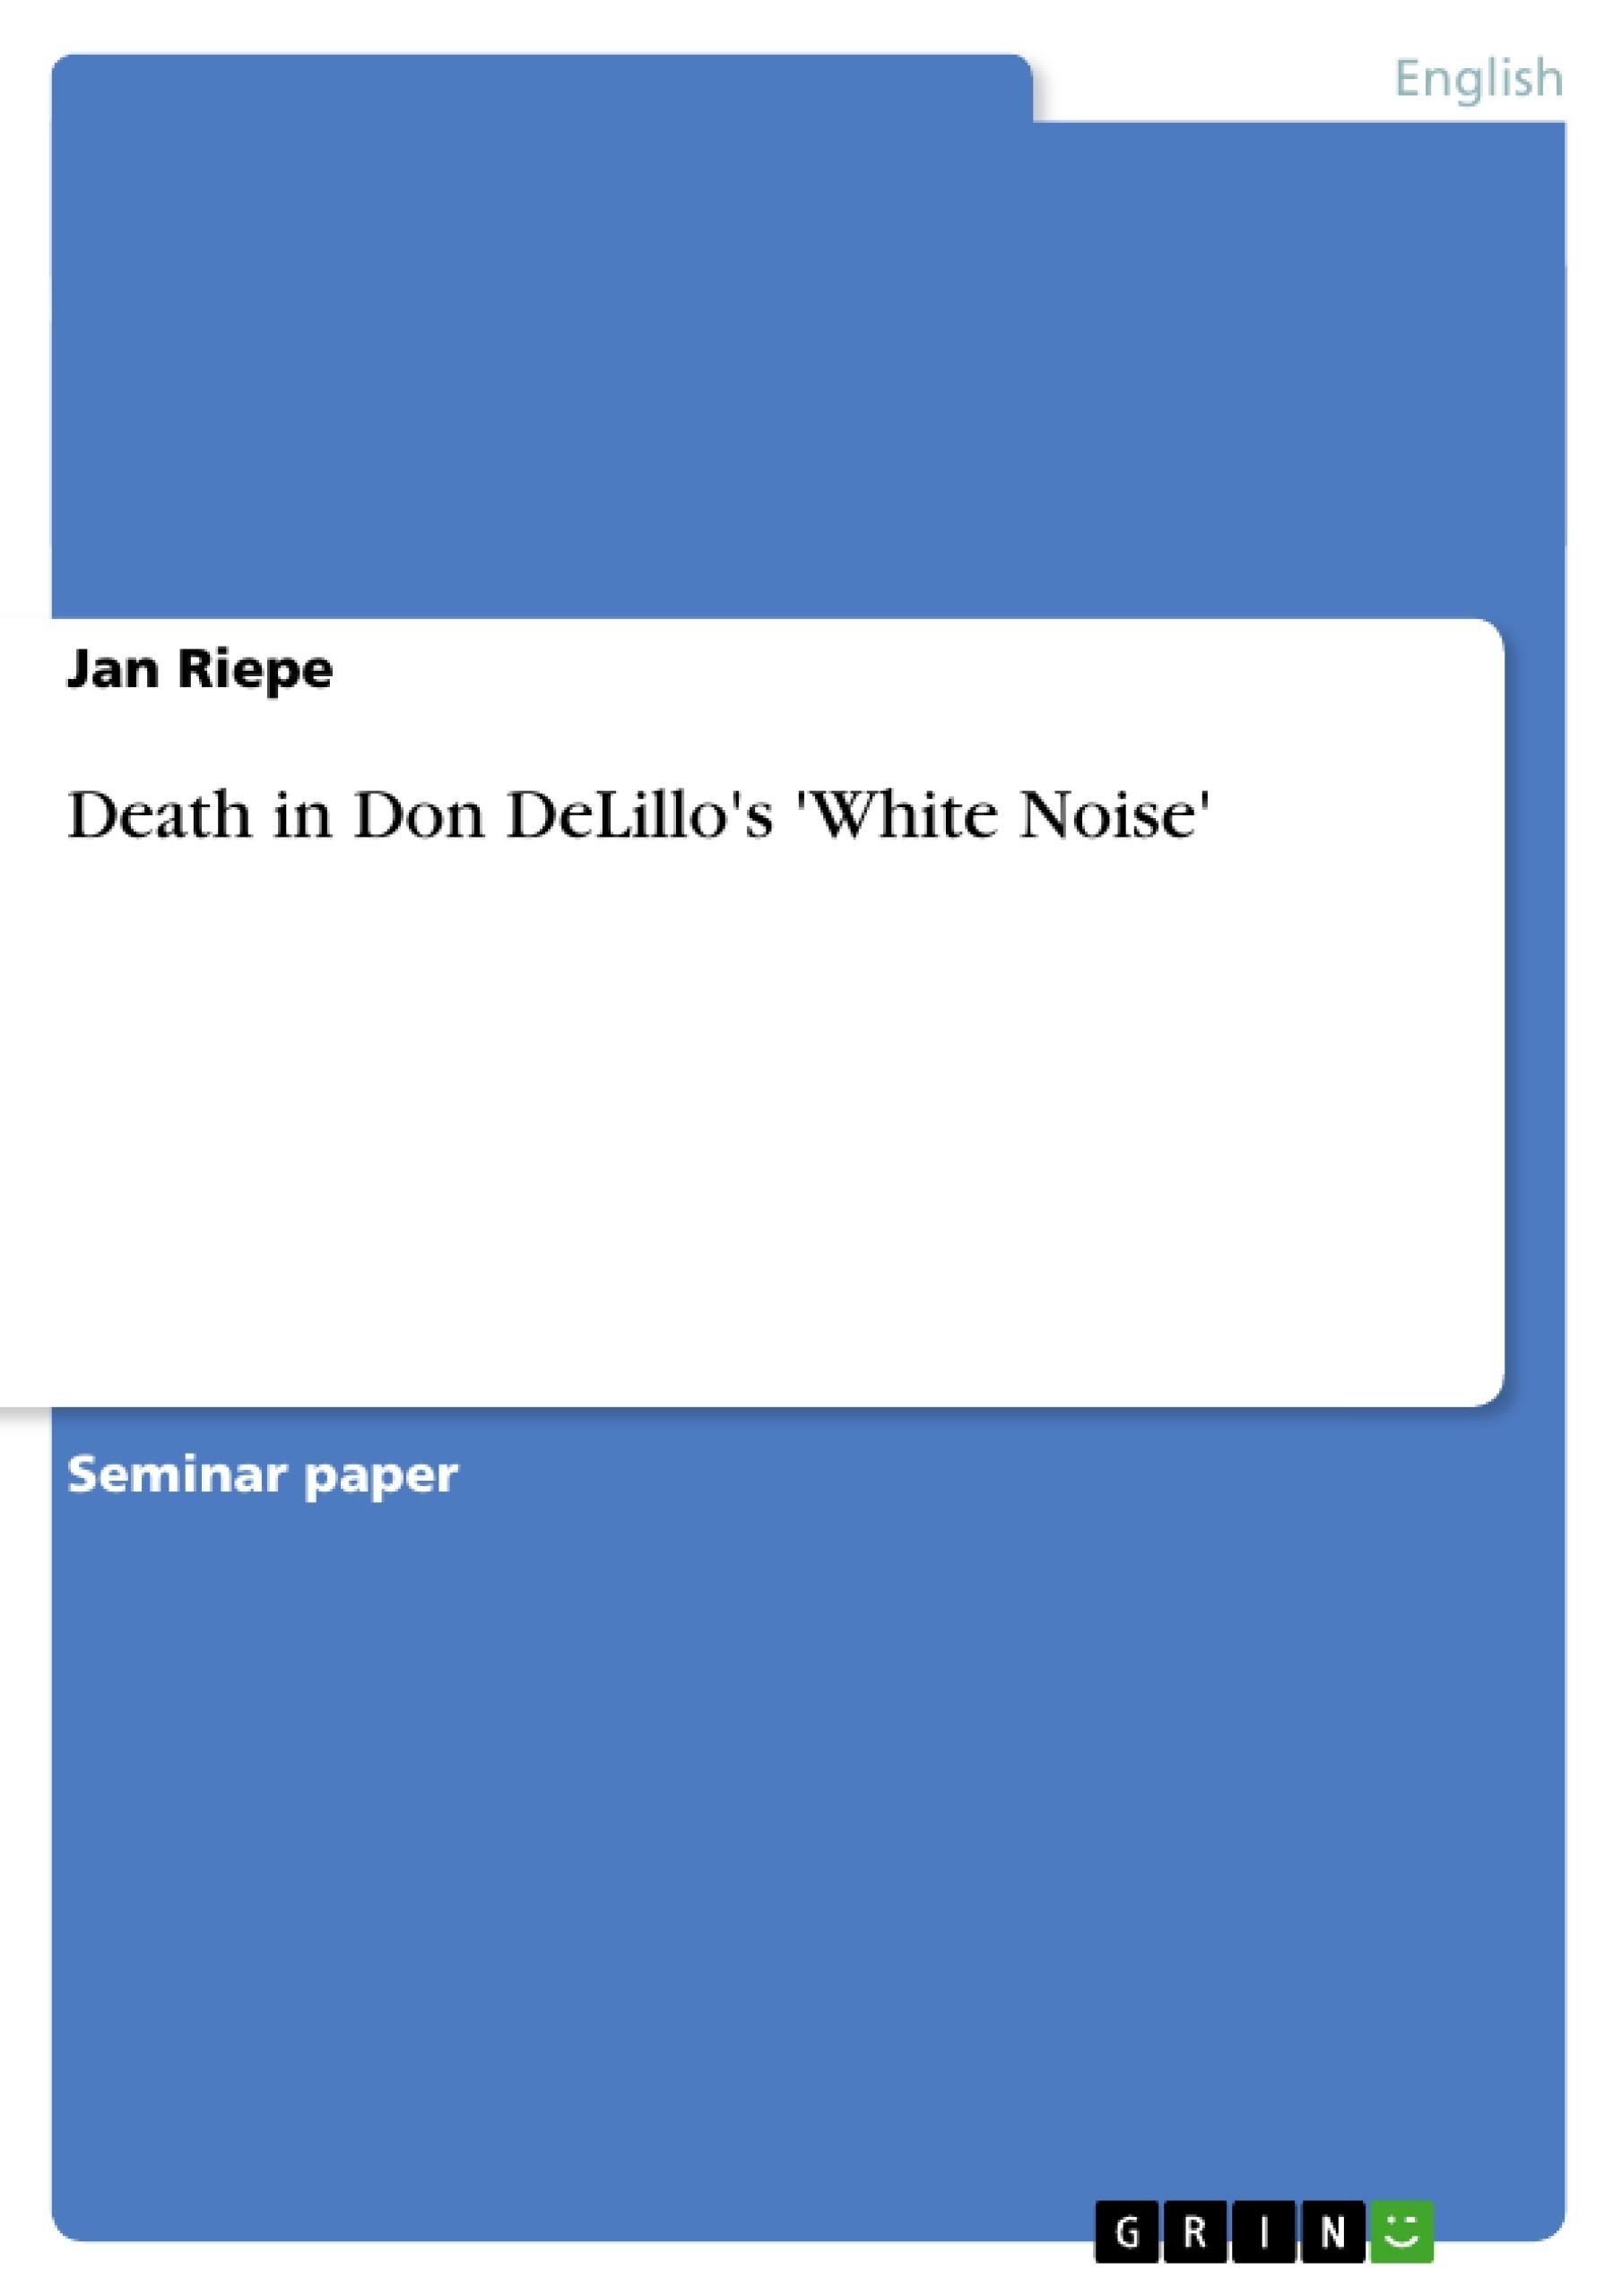 Title: Death in Don DeLillo's 'White Noise'